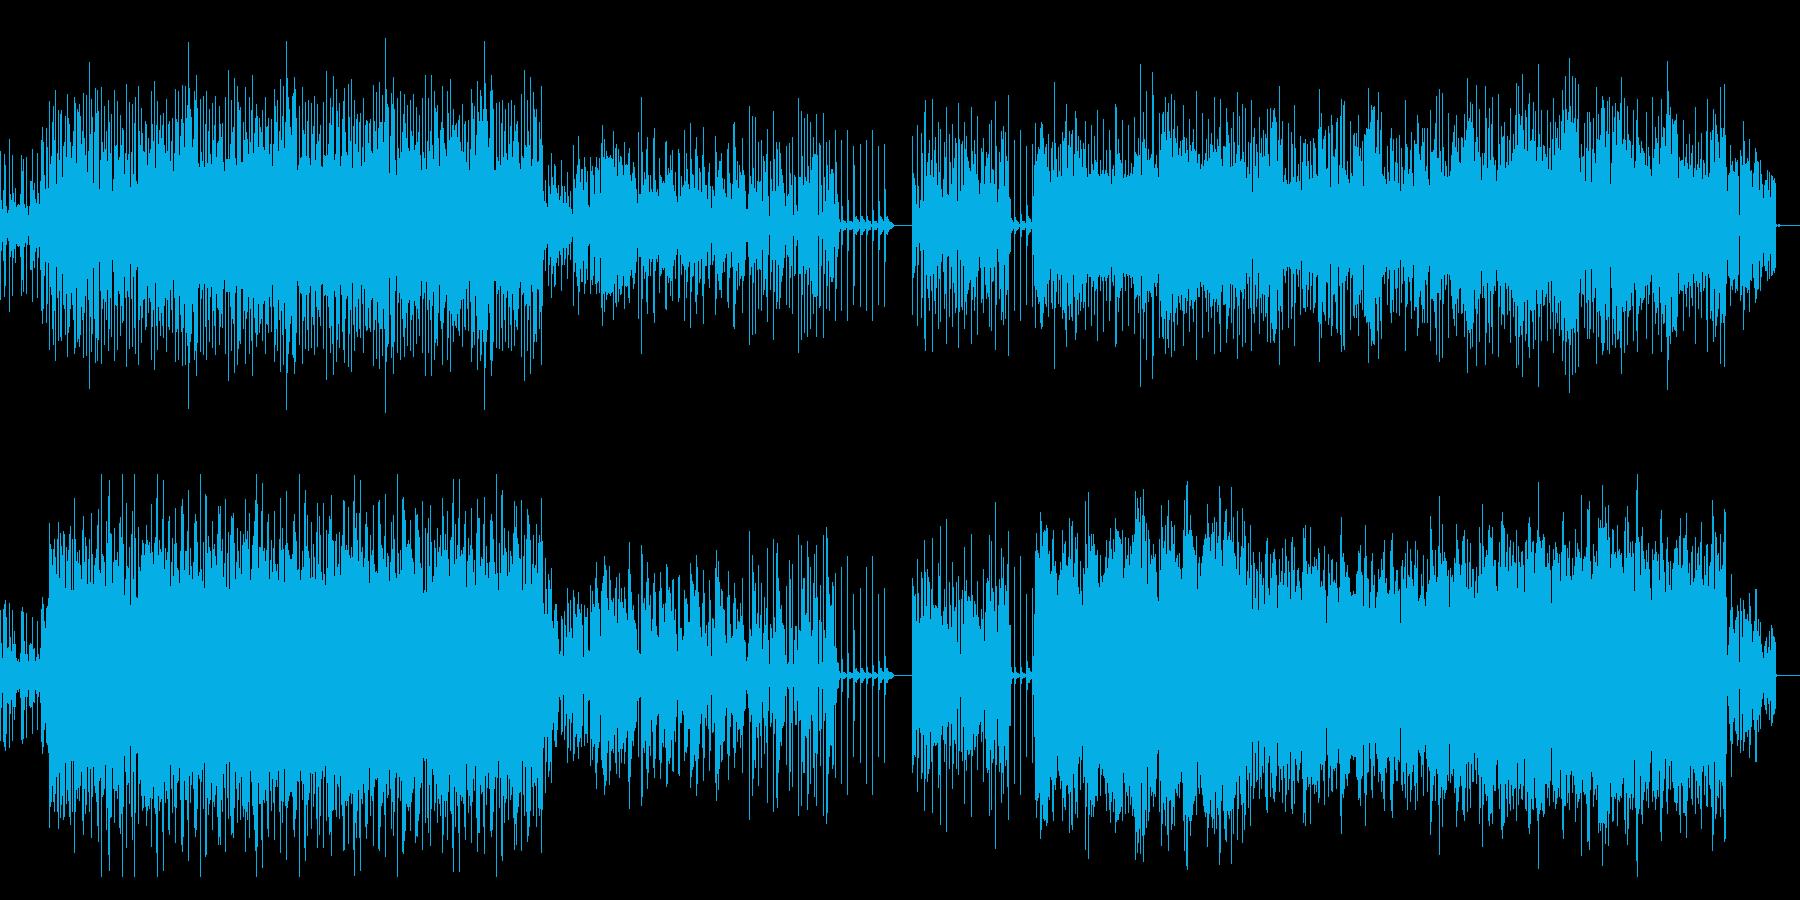 メロウでスタイリッシュなアーバンサウンドの再生済みの波形